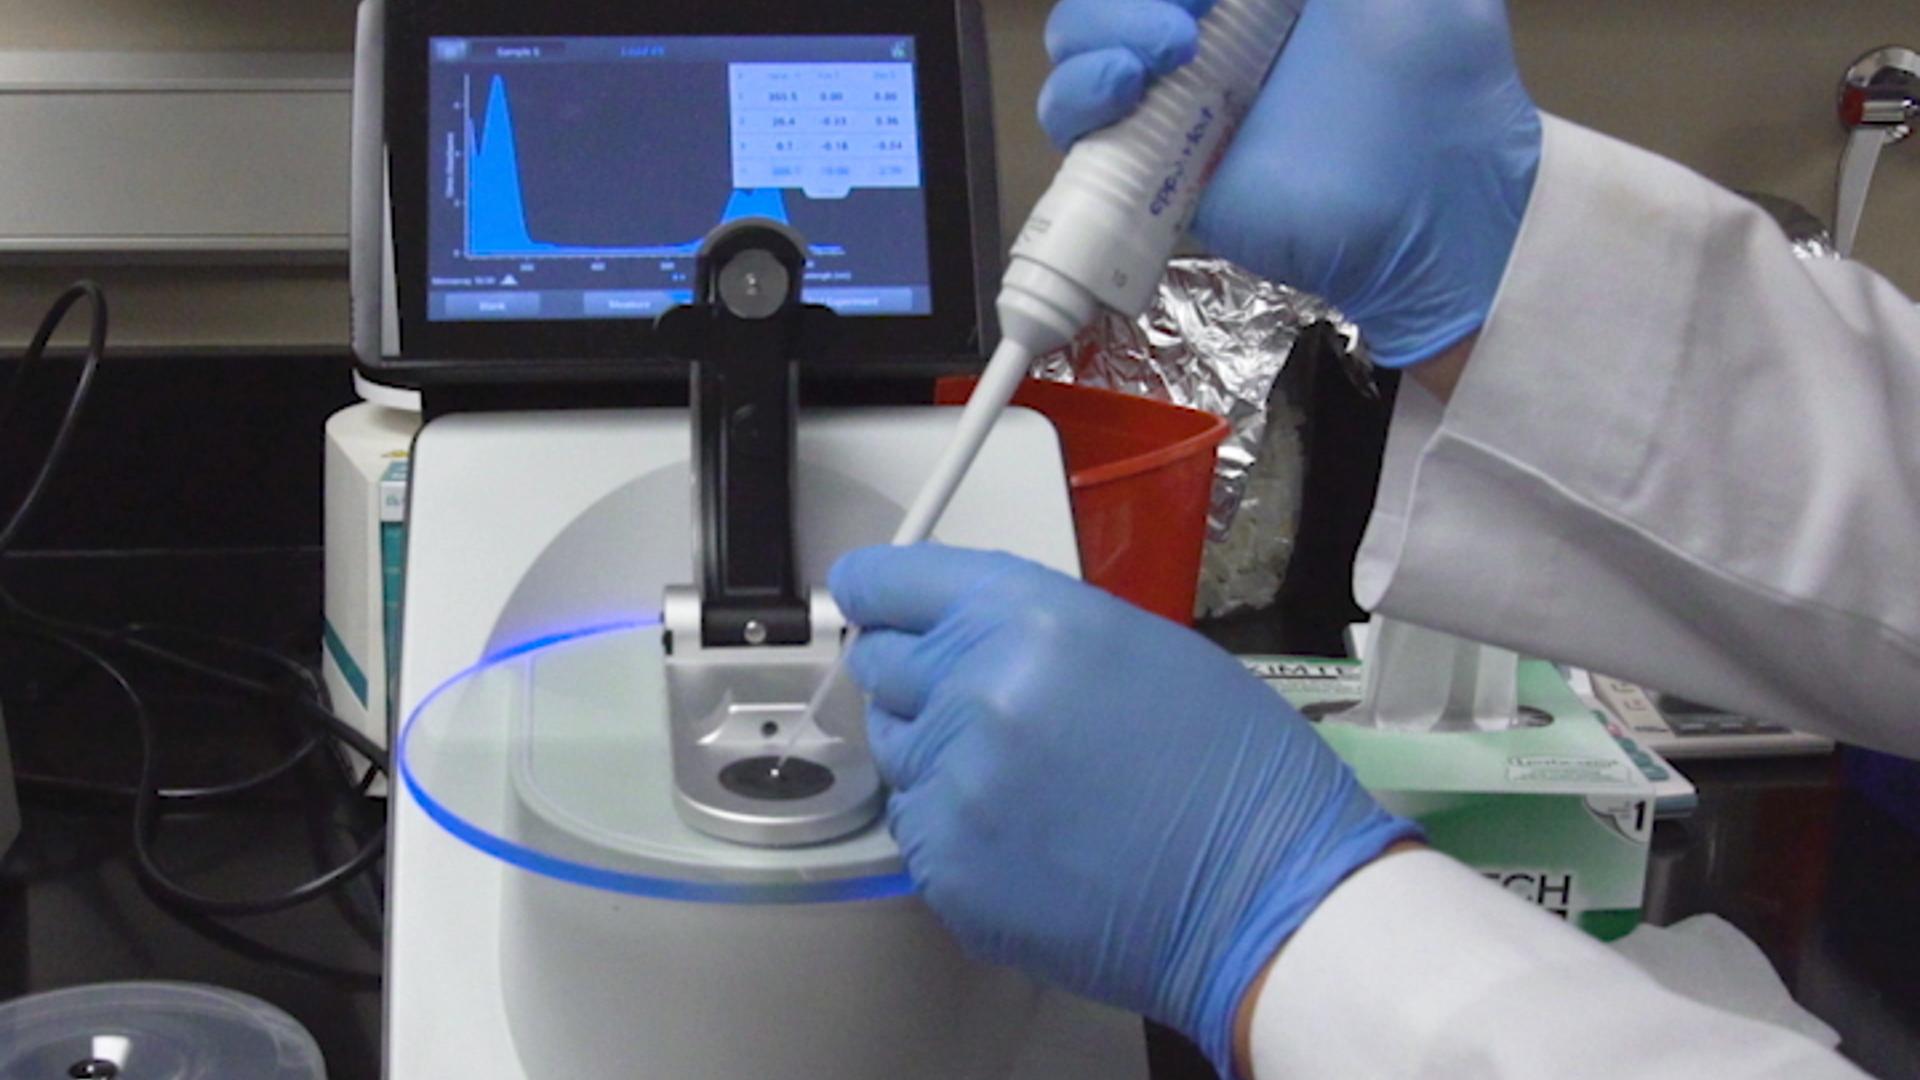 An Array-based Comparative Genomic Hybridization Platform for Efficient Detection of Copy Number Variations in Fast Neutron-induced <em>Medicago truncatula</em> Mutants